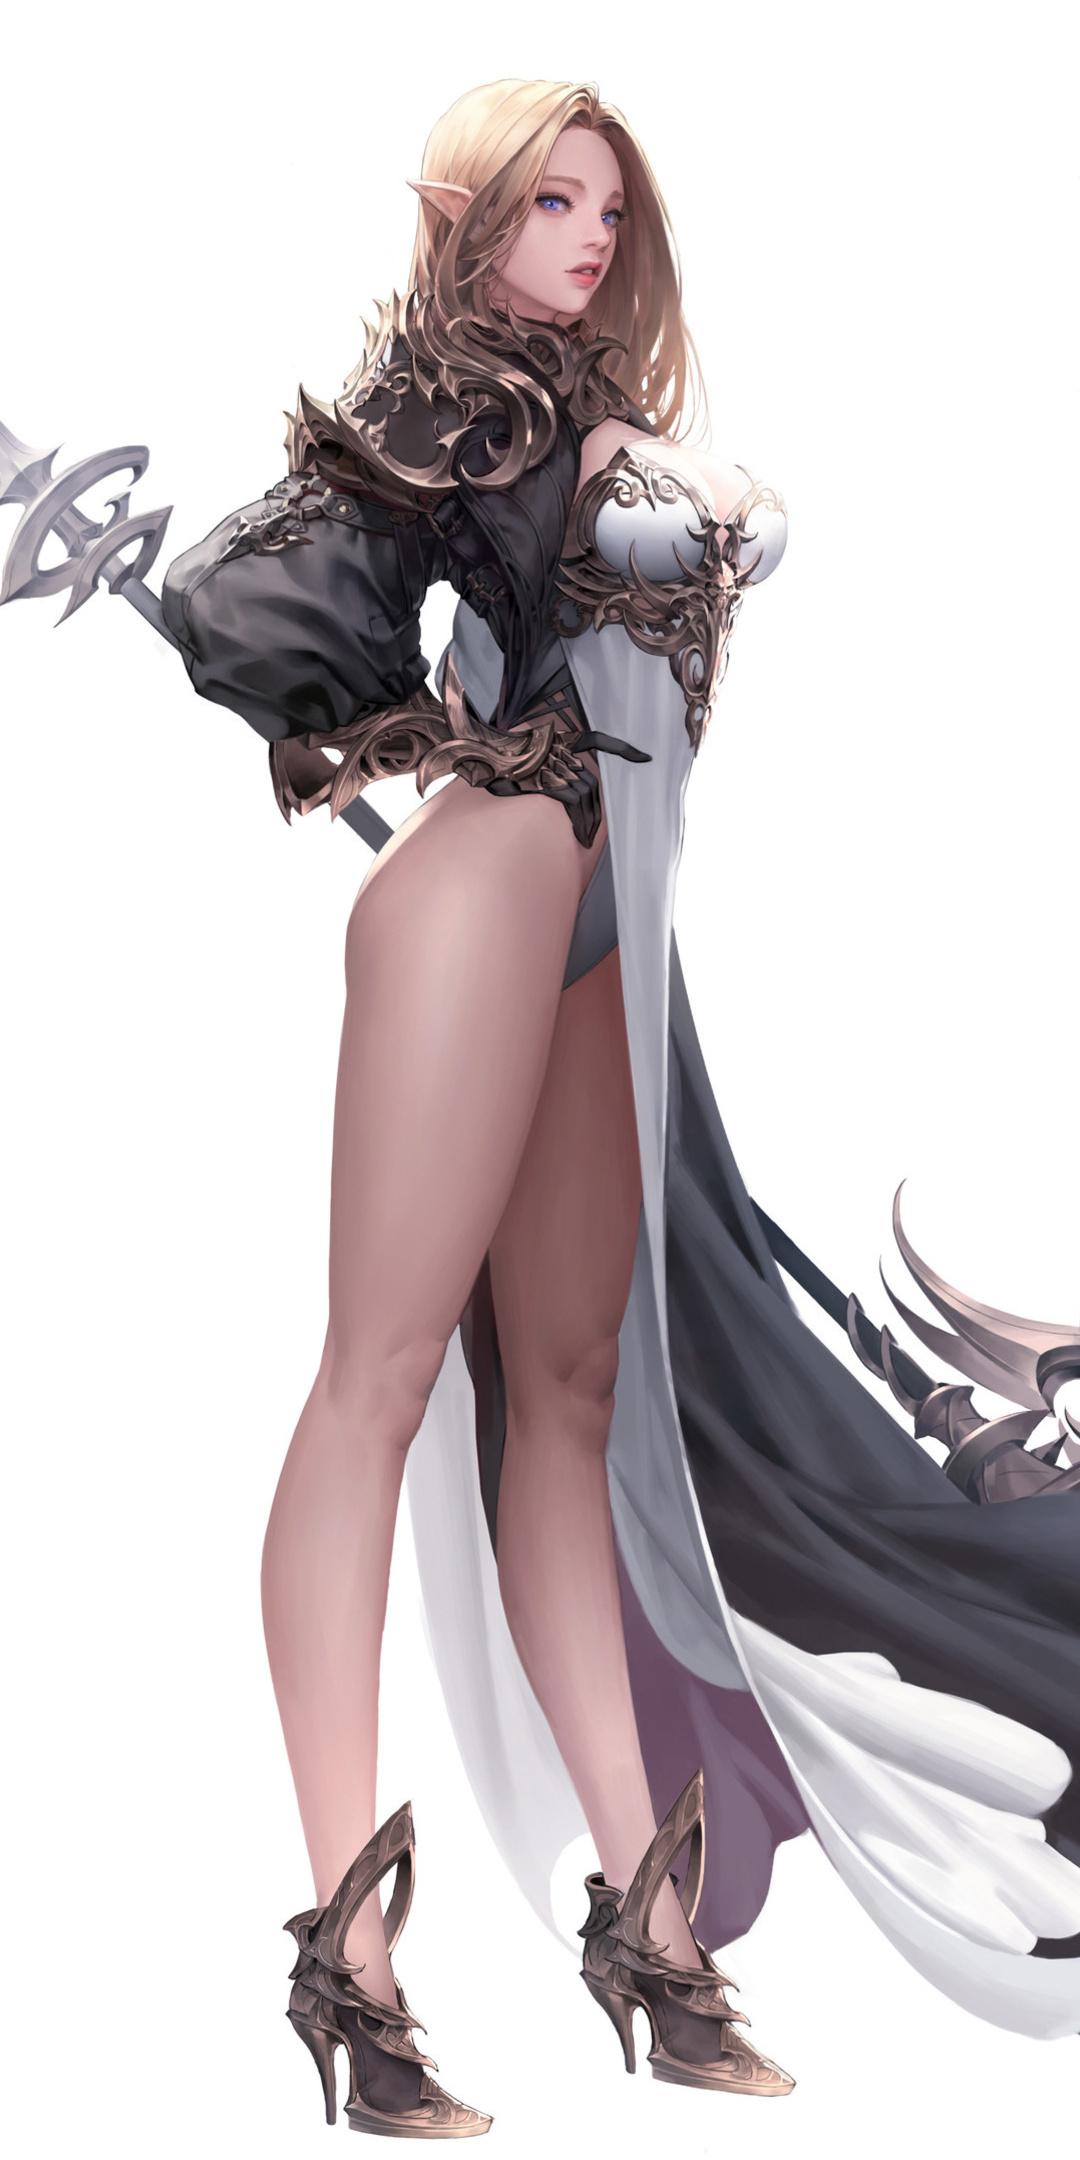 anime-elf-fantasy-artwork-4k-3j.jpg